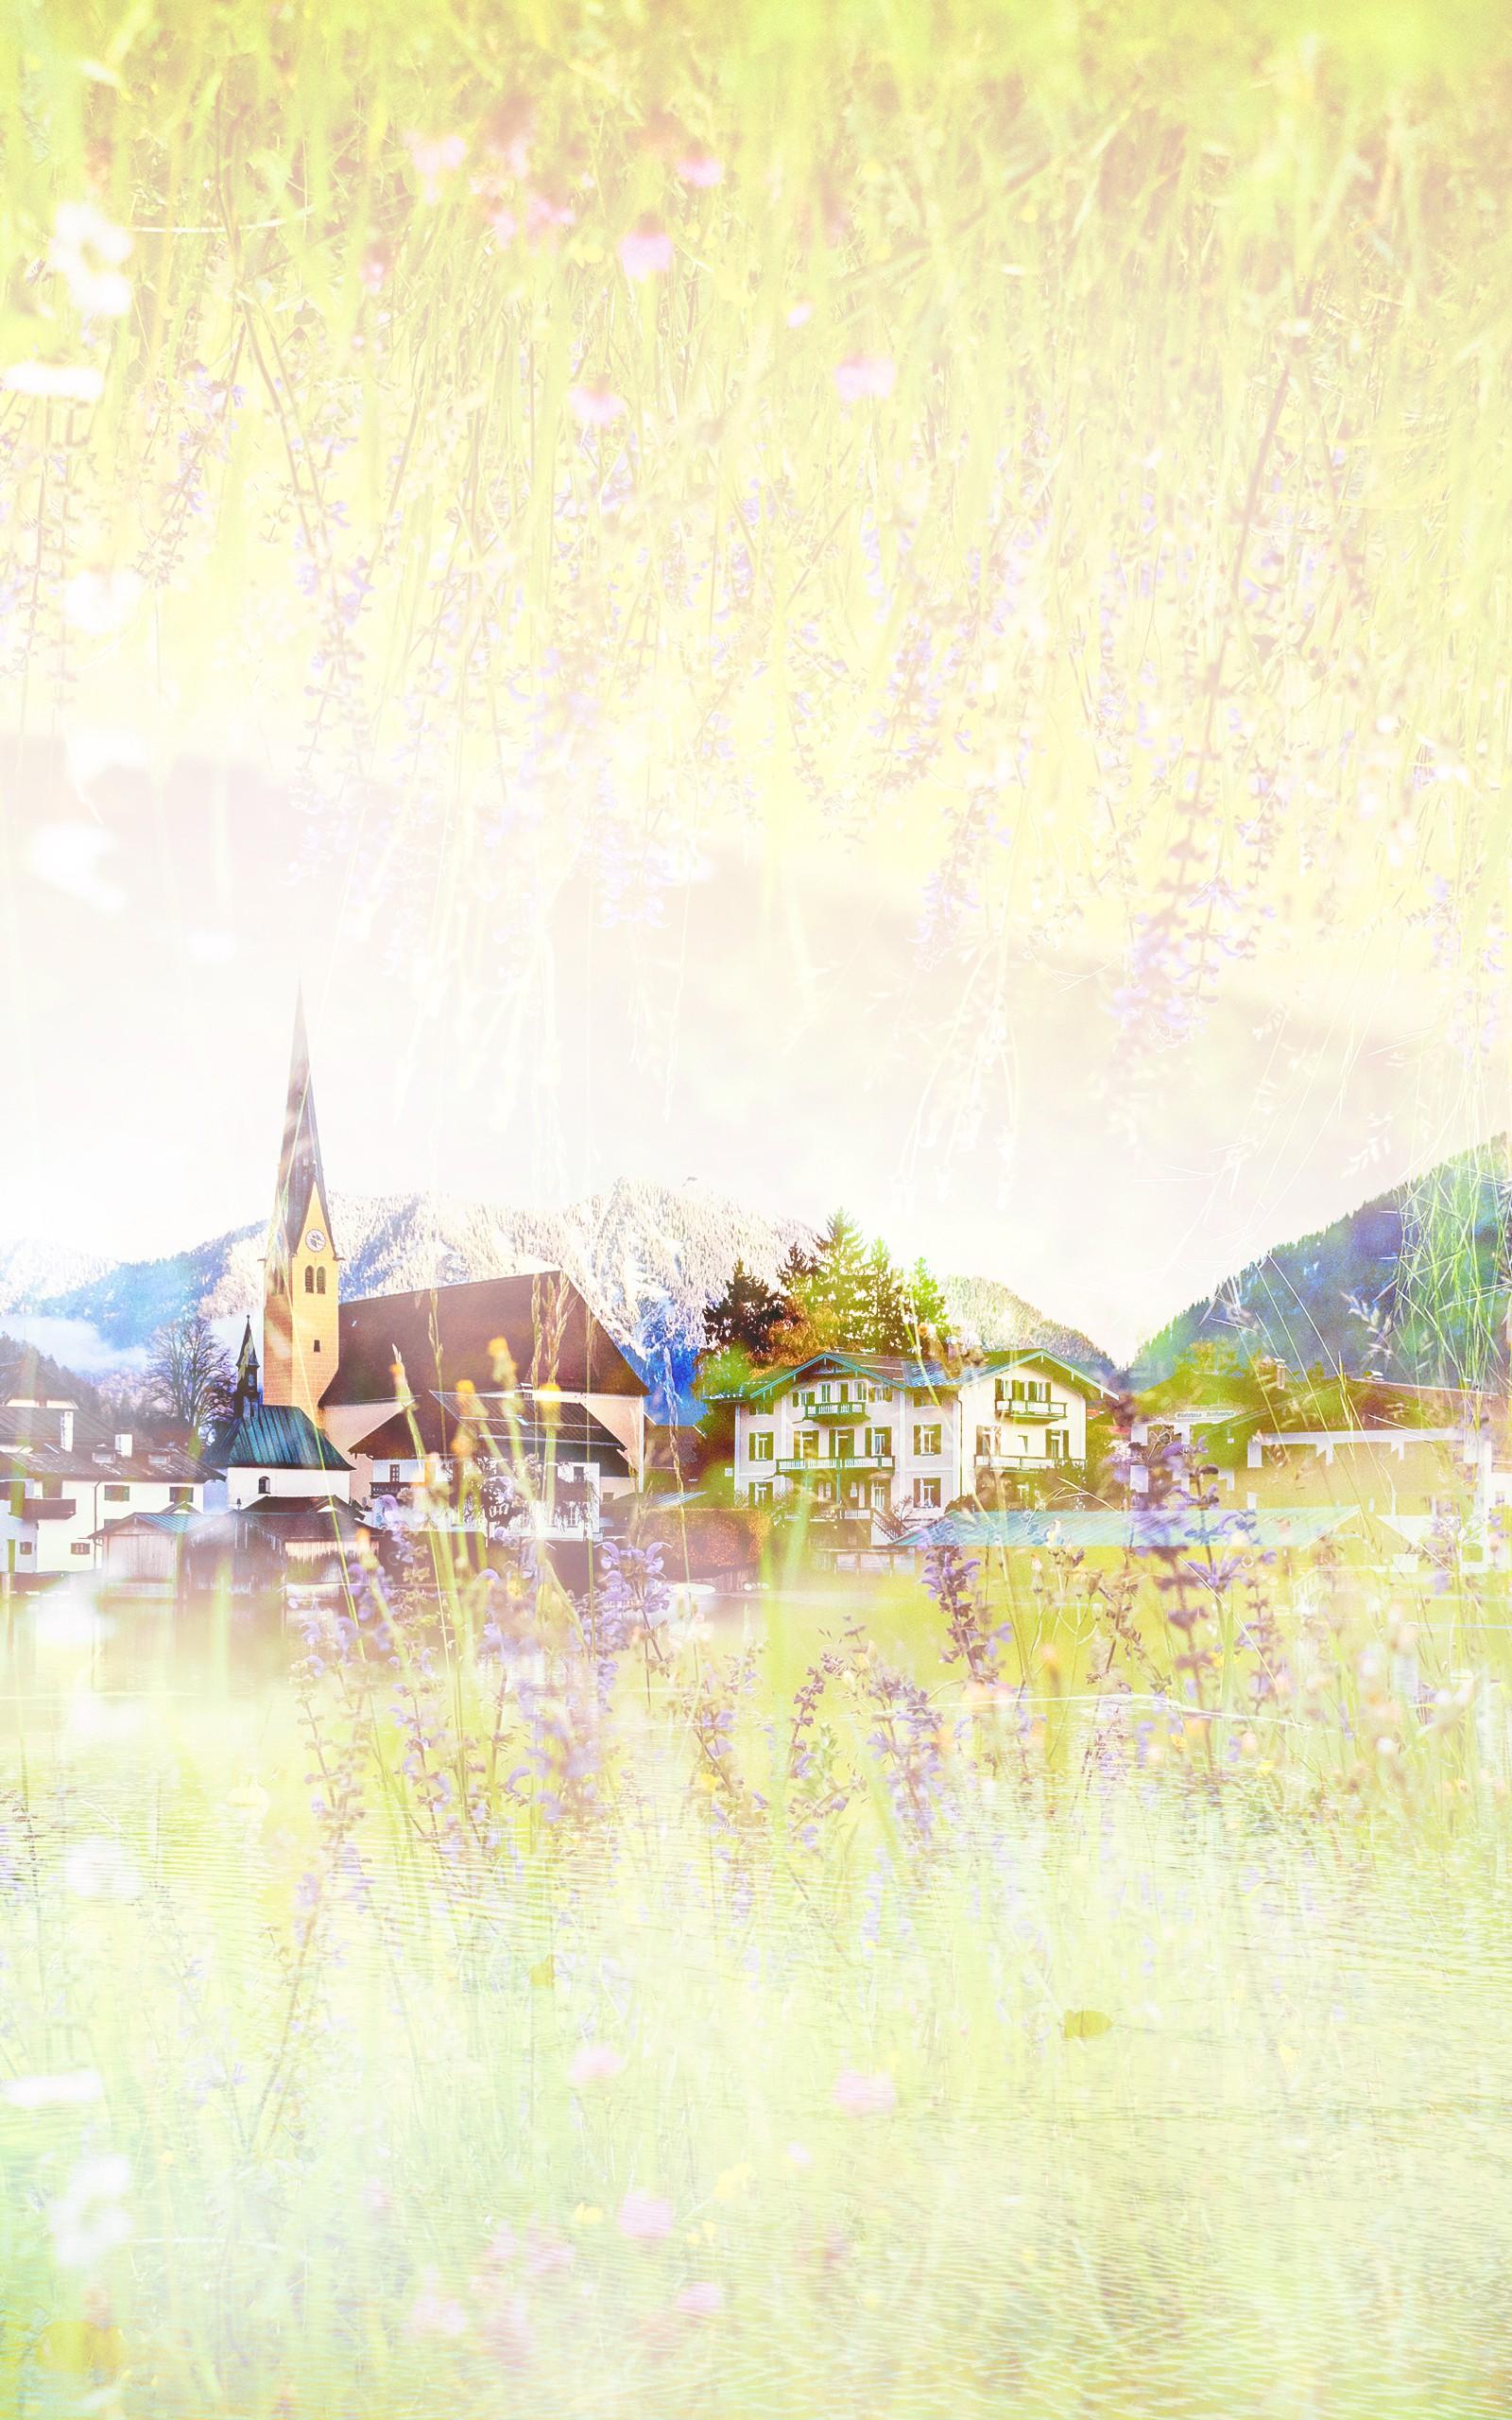 Wiedersehen im Chalet am See